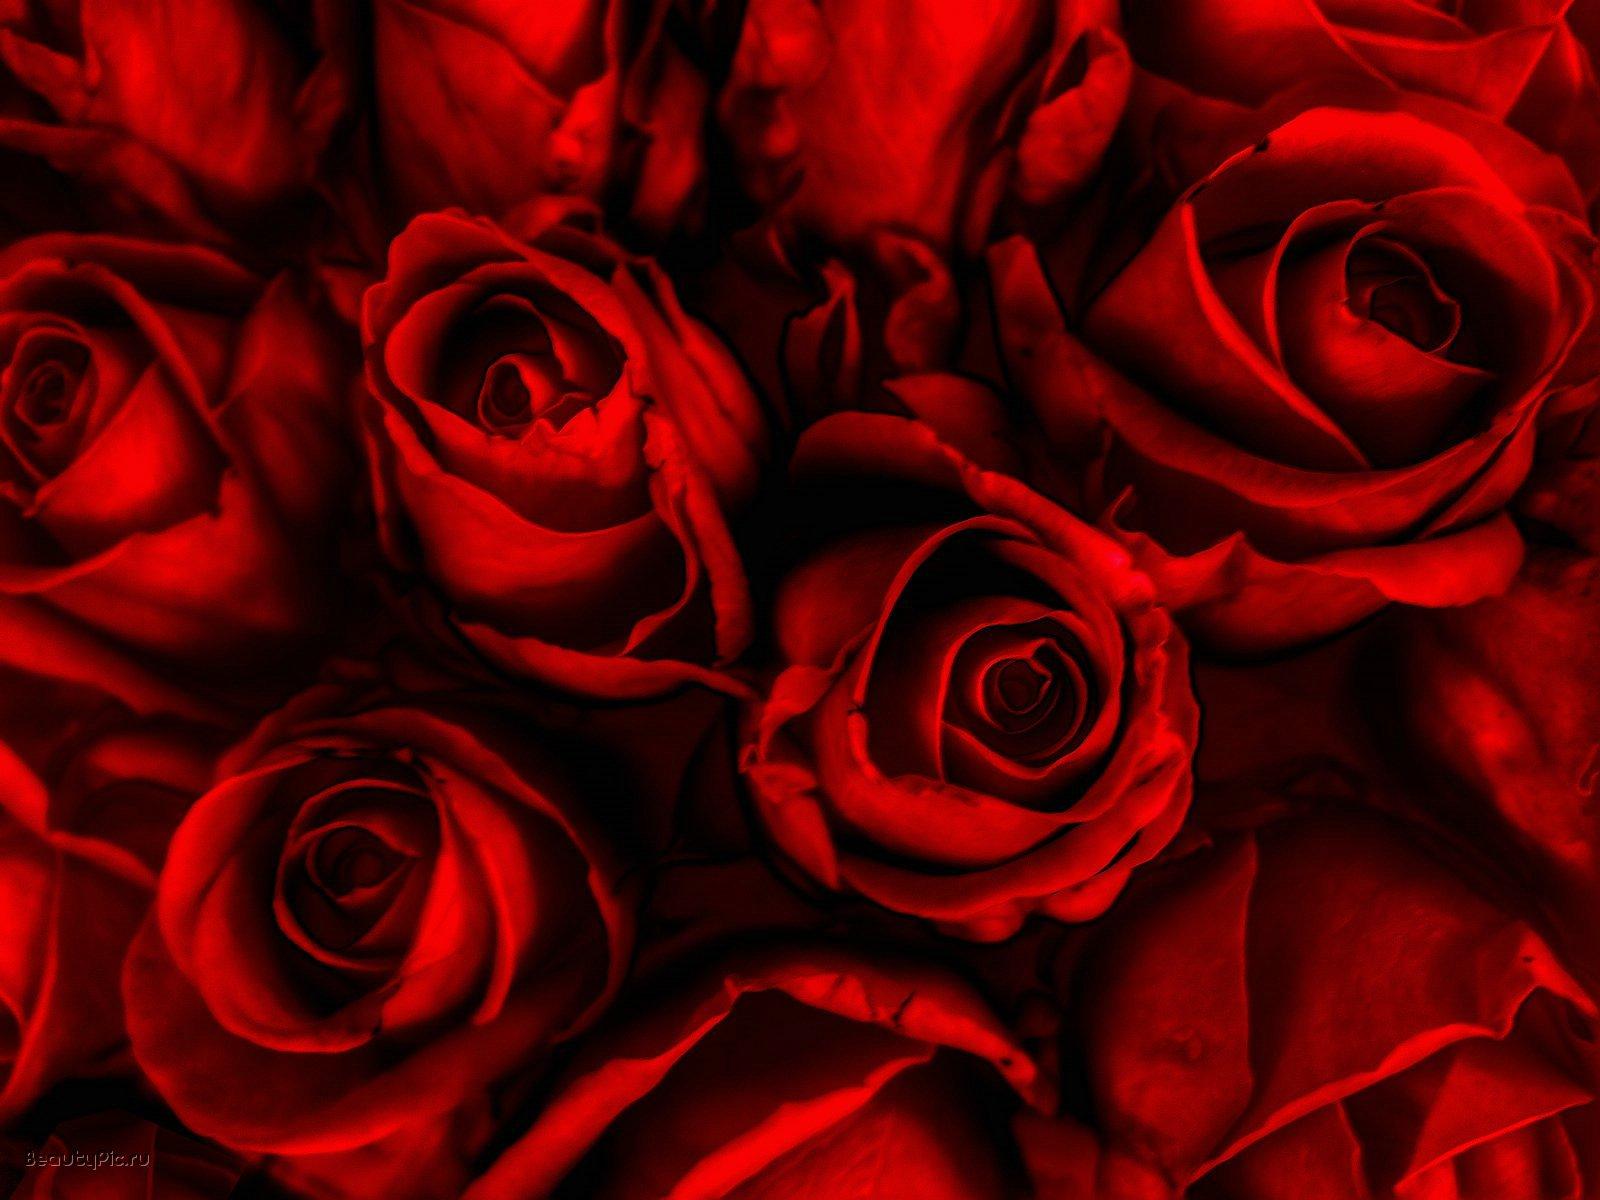 http://3.bp.blogspot.com/-eotM0uBT0yU/TzZ-xKnNucI/AAAAAAAAHq4/jekH9gtWhTg/s1600/red-roses-wallpaper.jpg